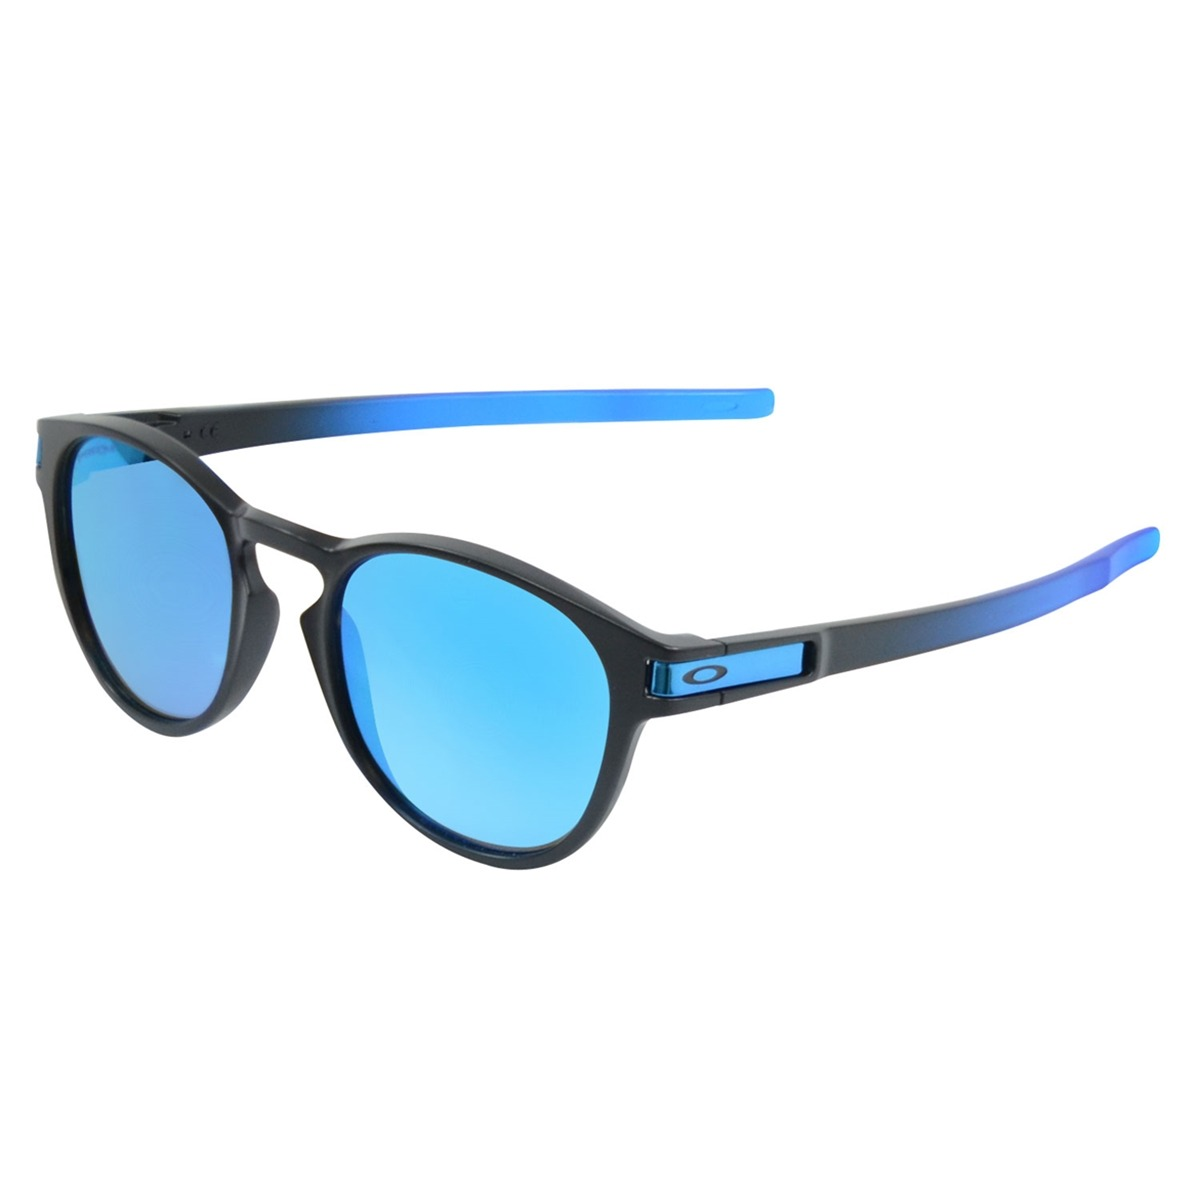 045fe0242e130 Óculos Oakley Latch Prizm Espelhado Preto L Azul - R  670,00 em ...